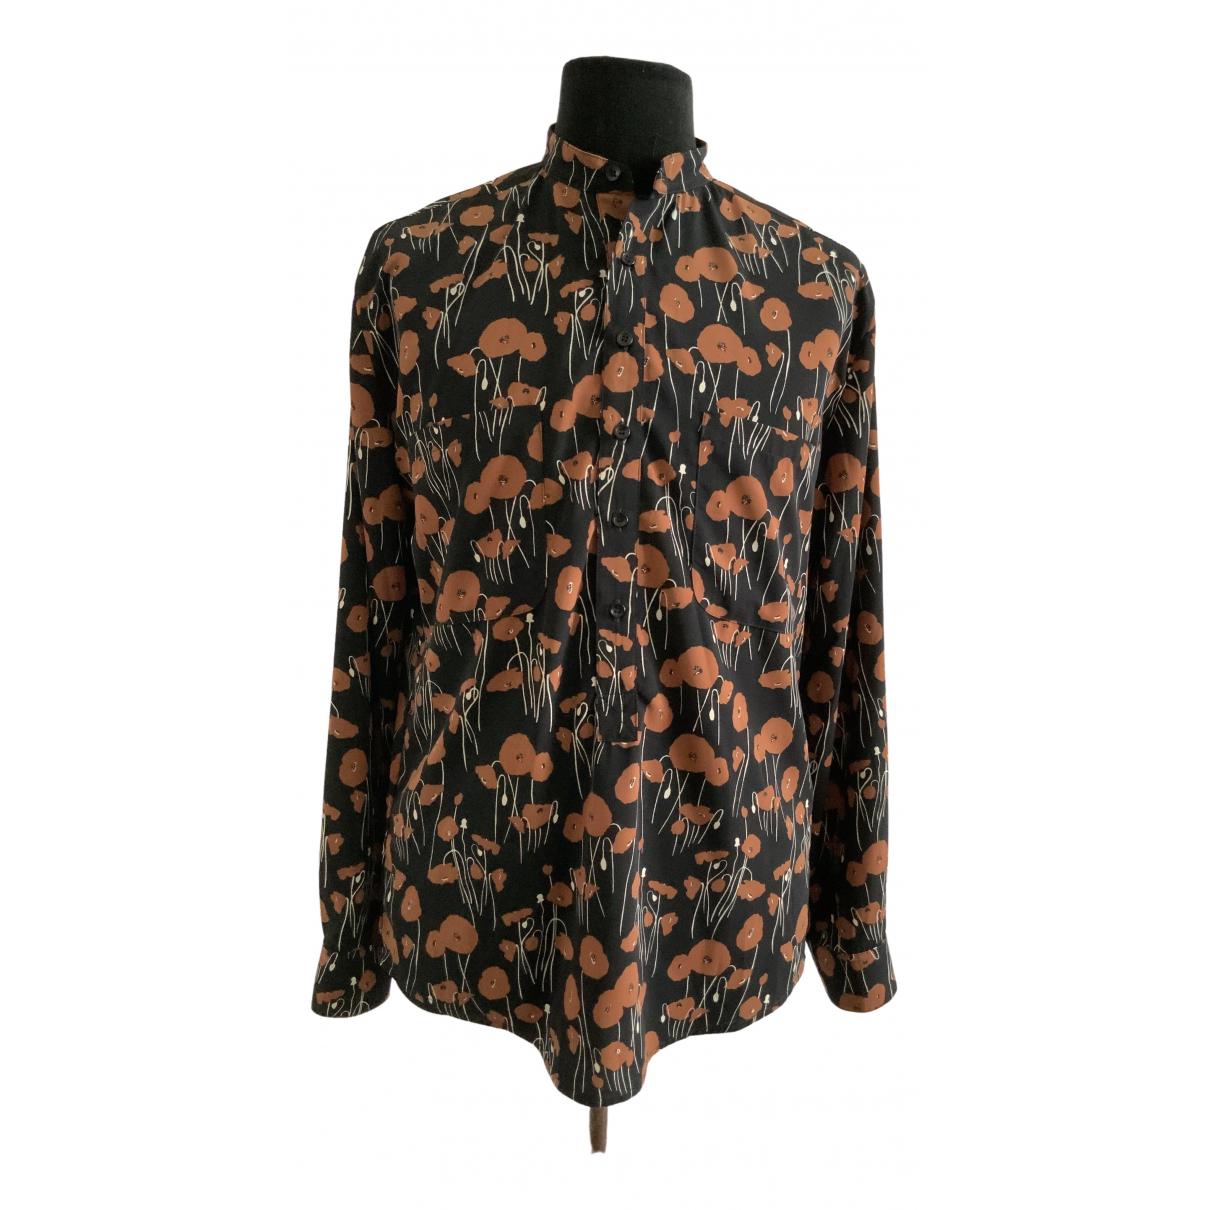 James Long - Chemises   pour homme - multicolore